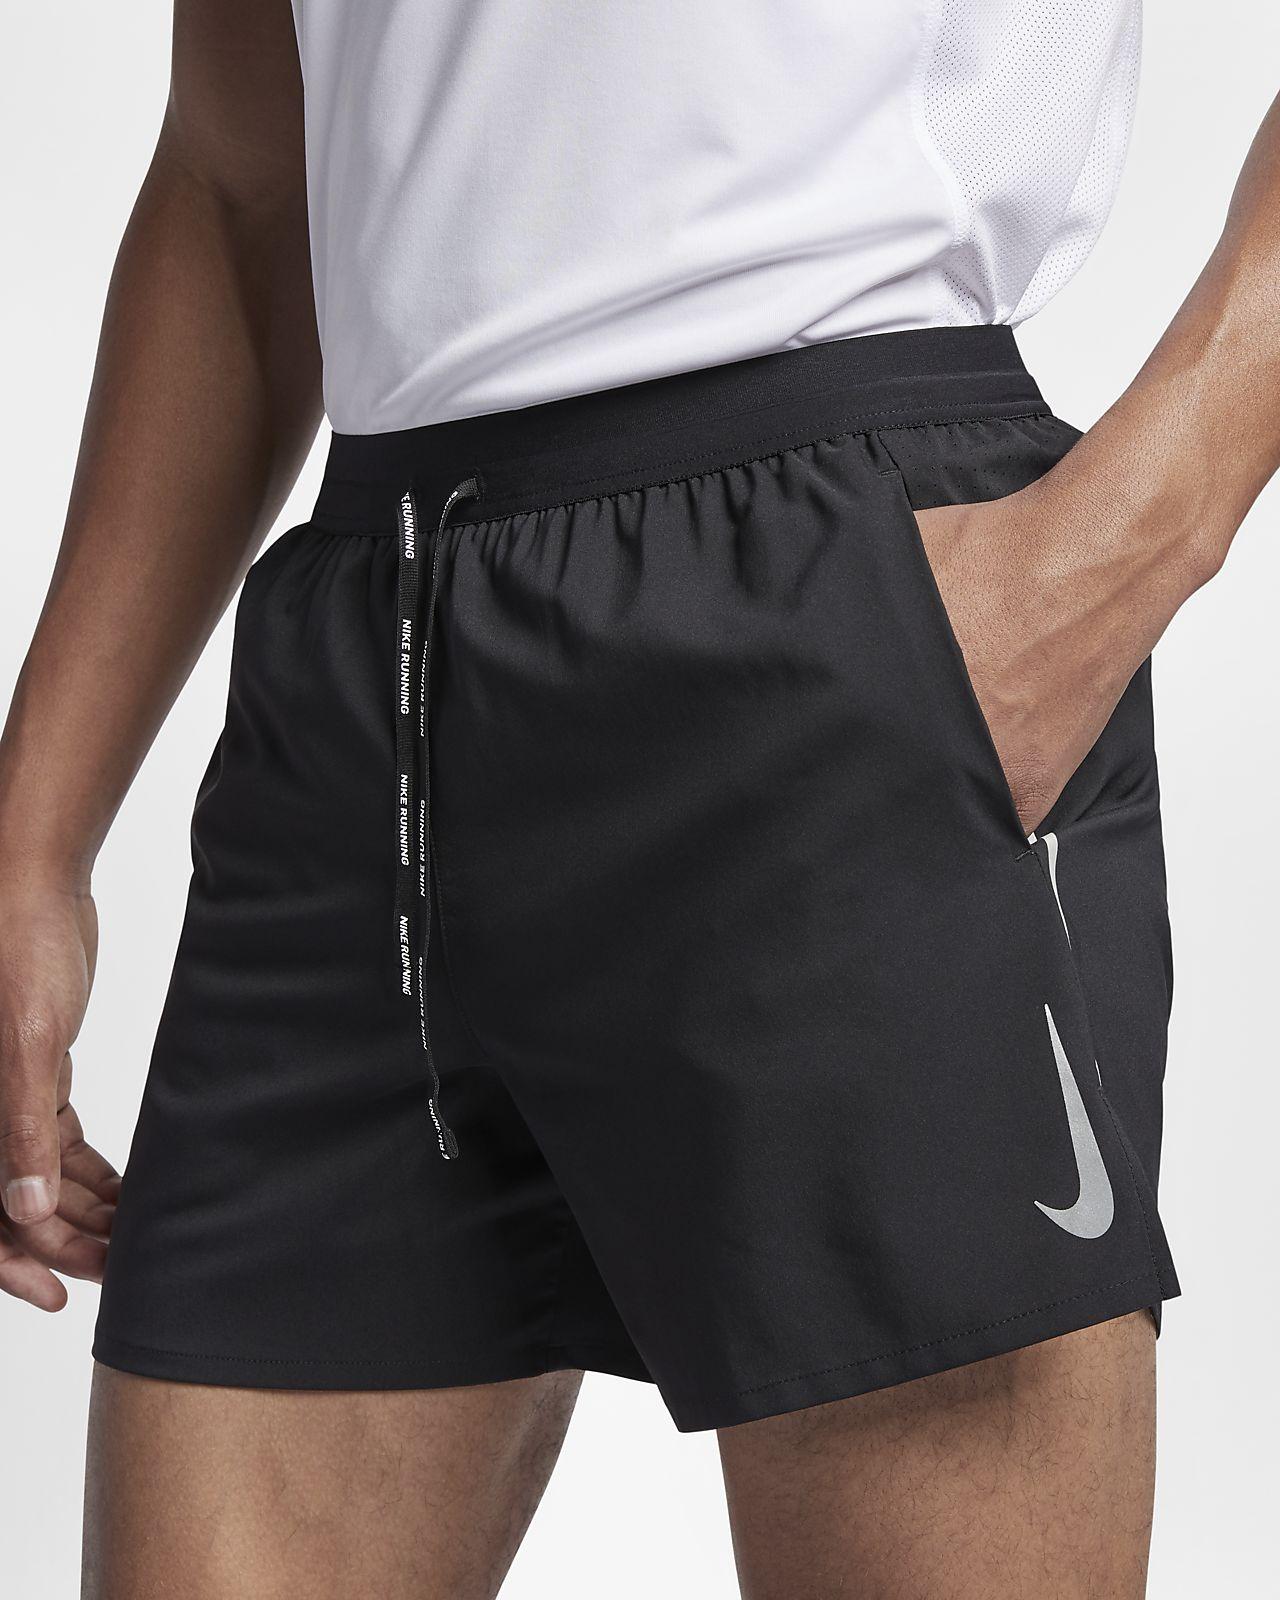 Ανδρικό σορτς για τρέξιμο Nike Flex Stride 13 cm